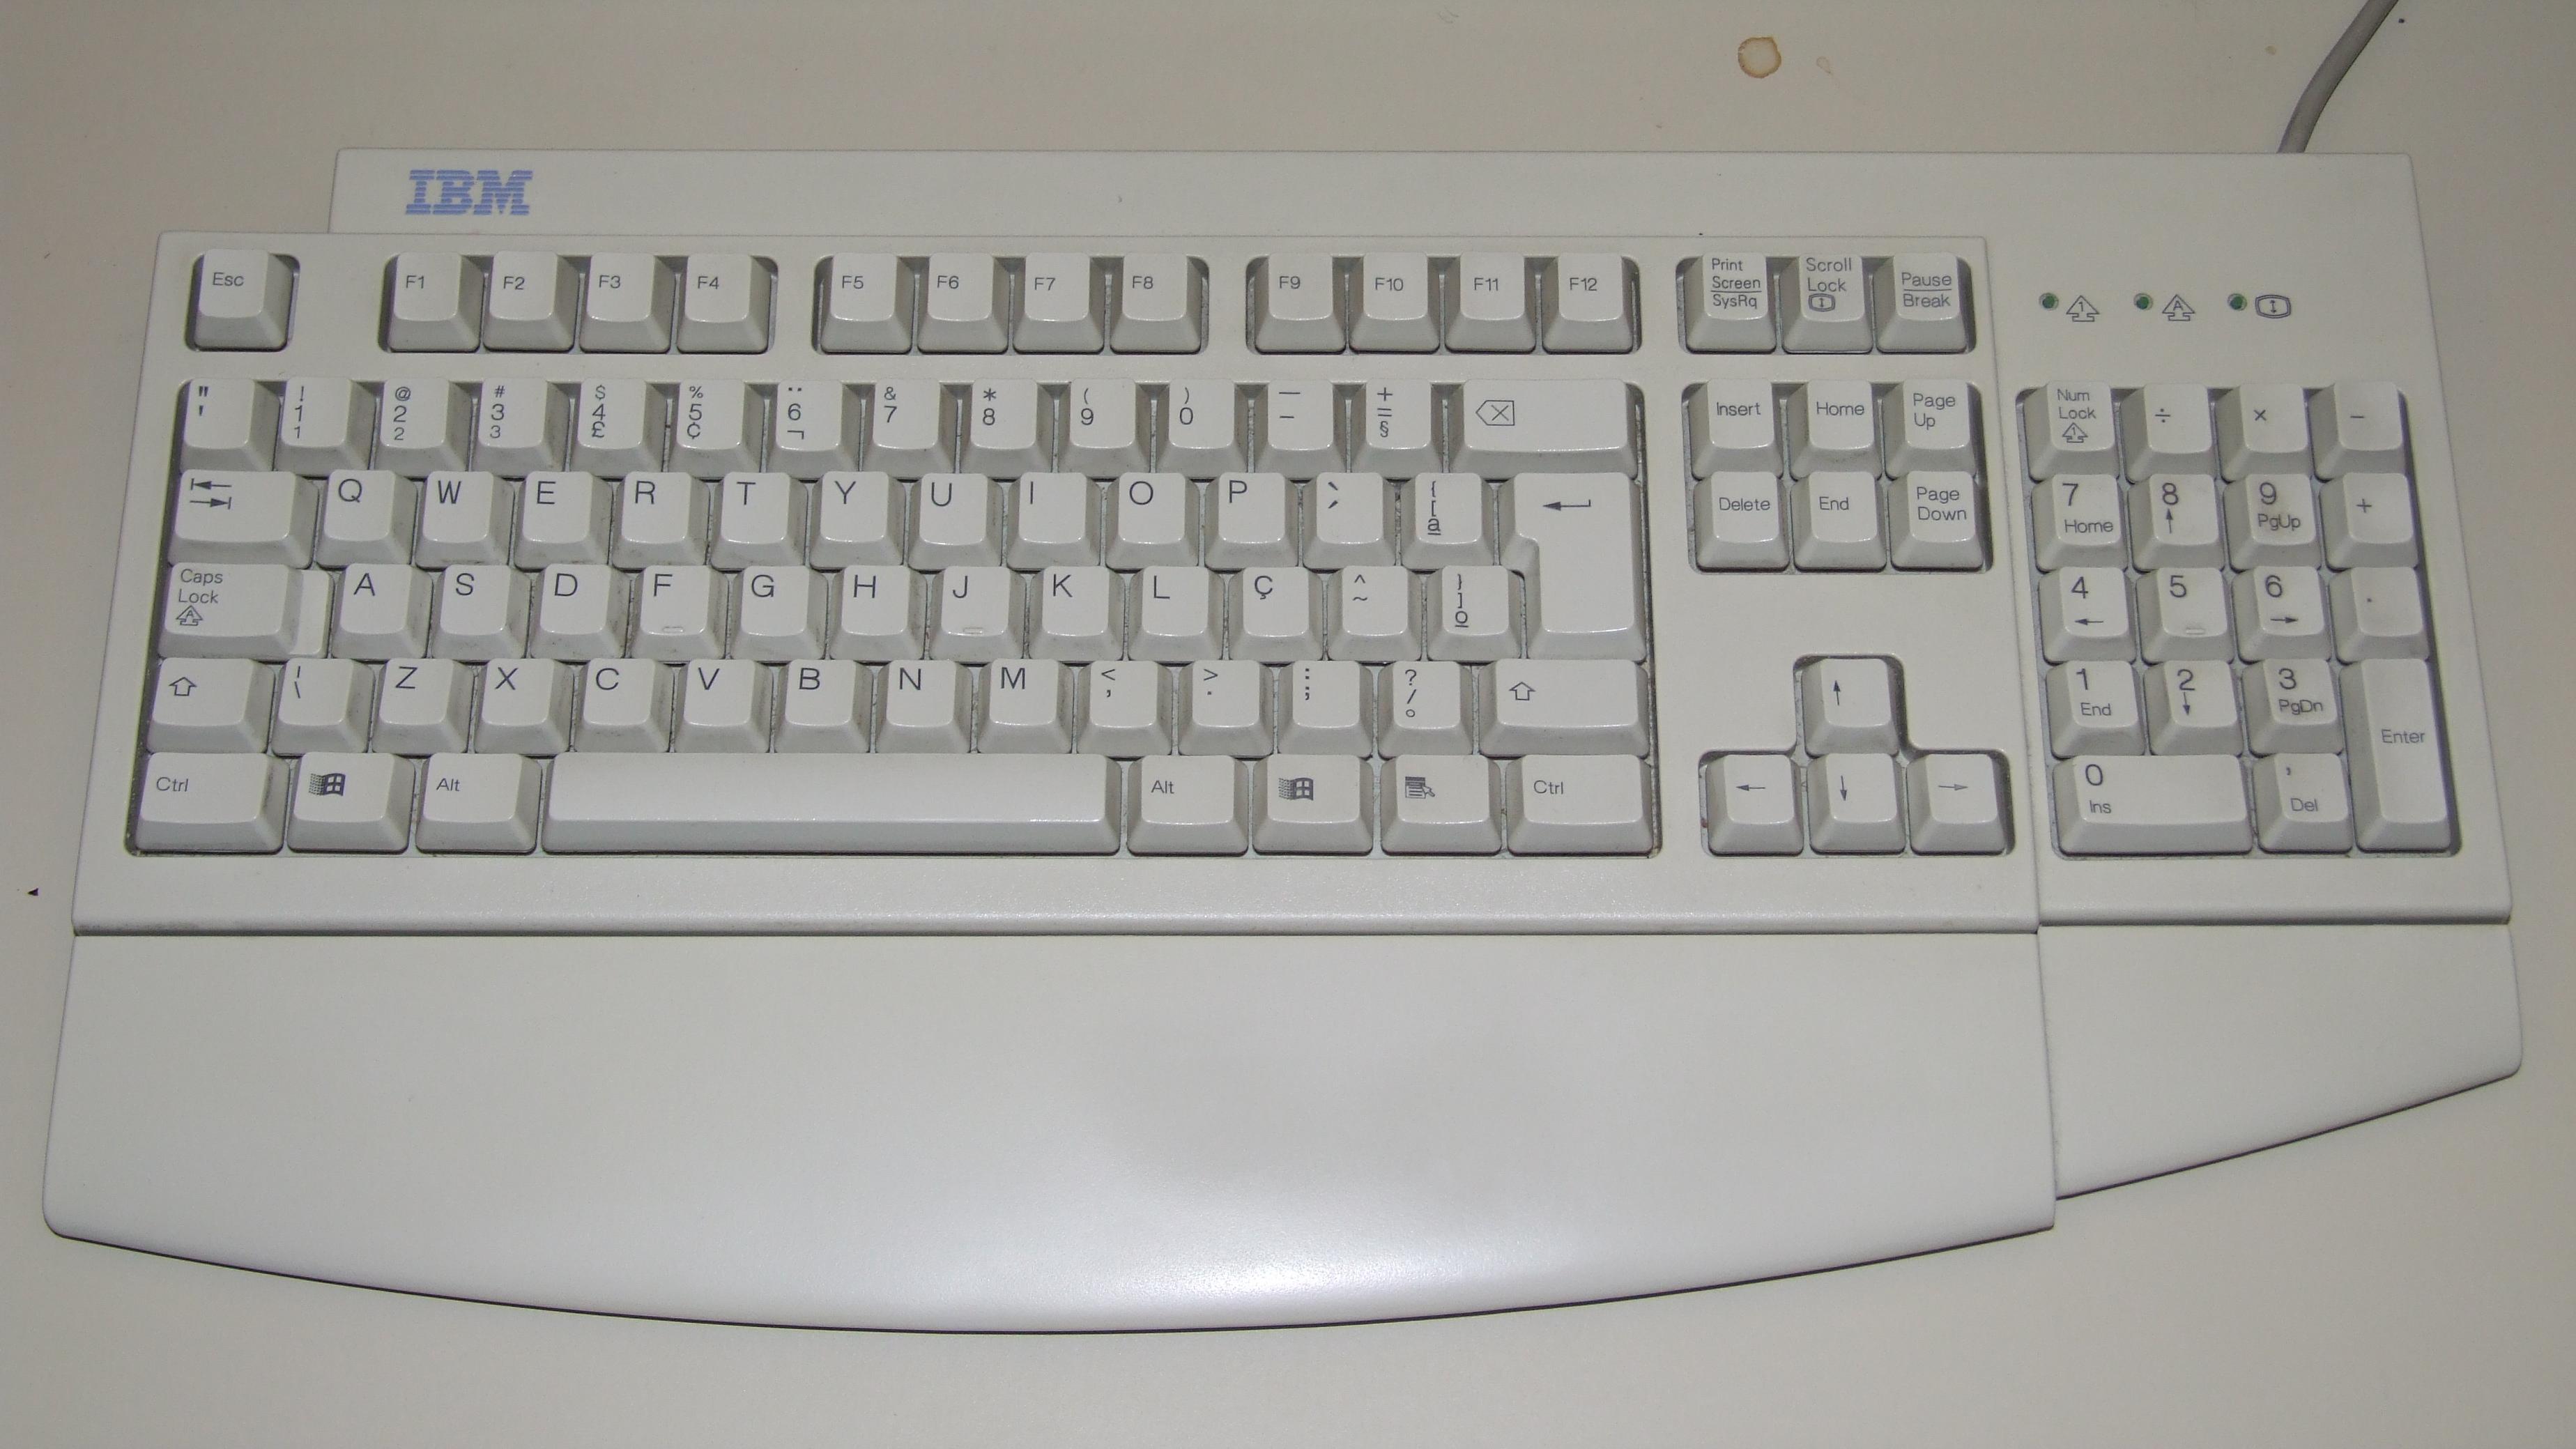 Layout Software Free File Brazilian 107 Key Abnt2 Windows Keyboard Jpg